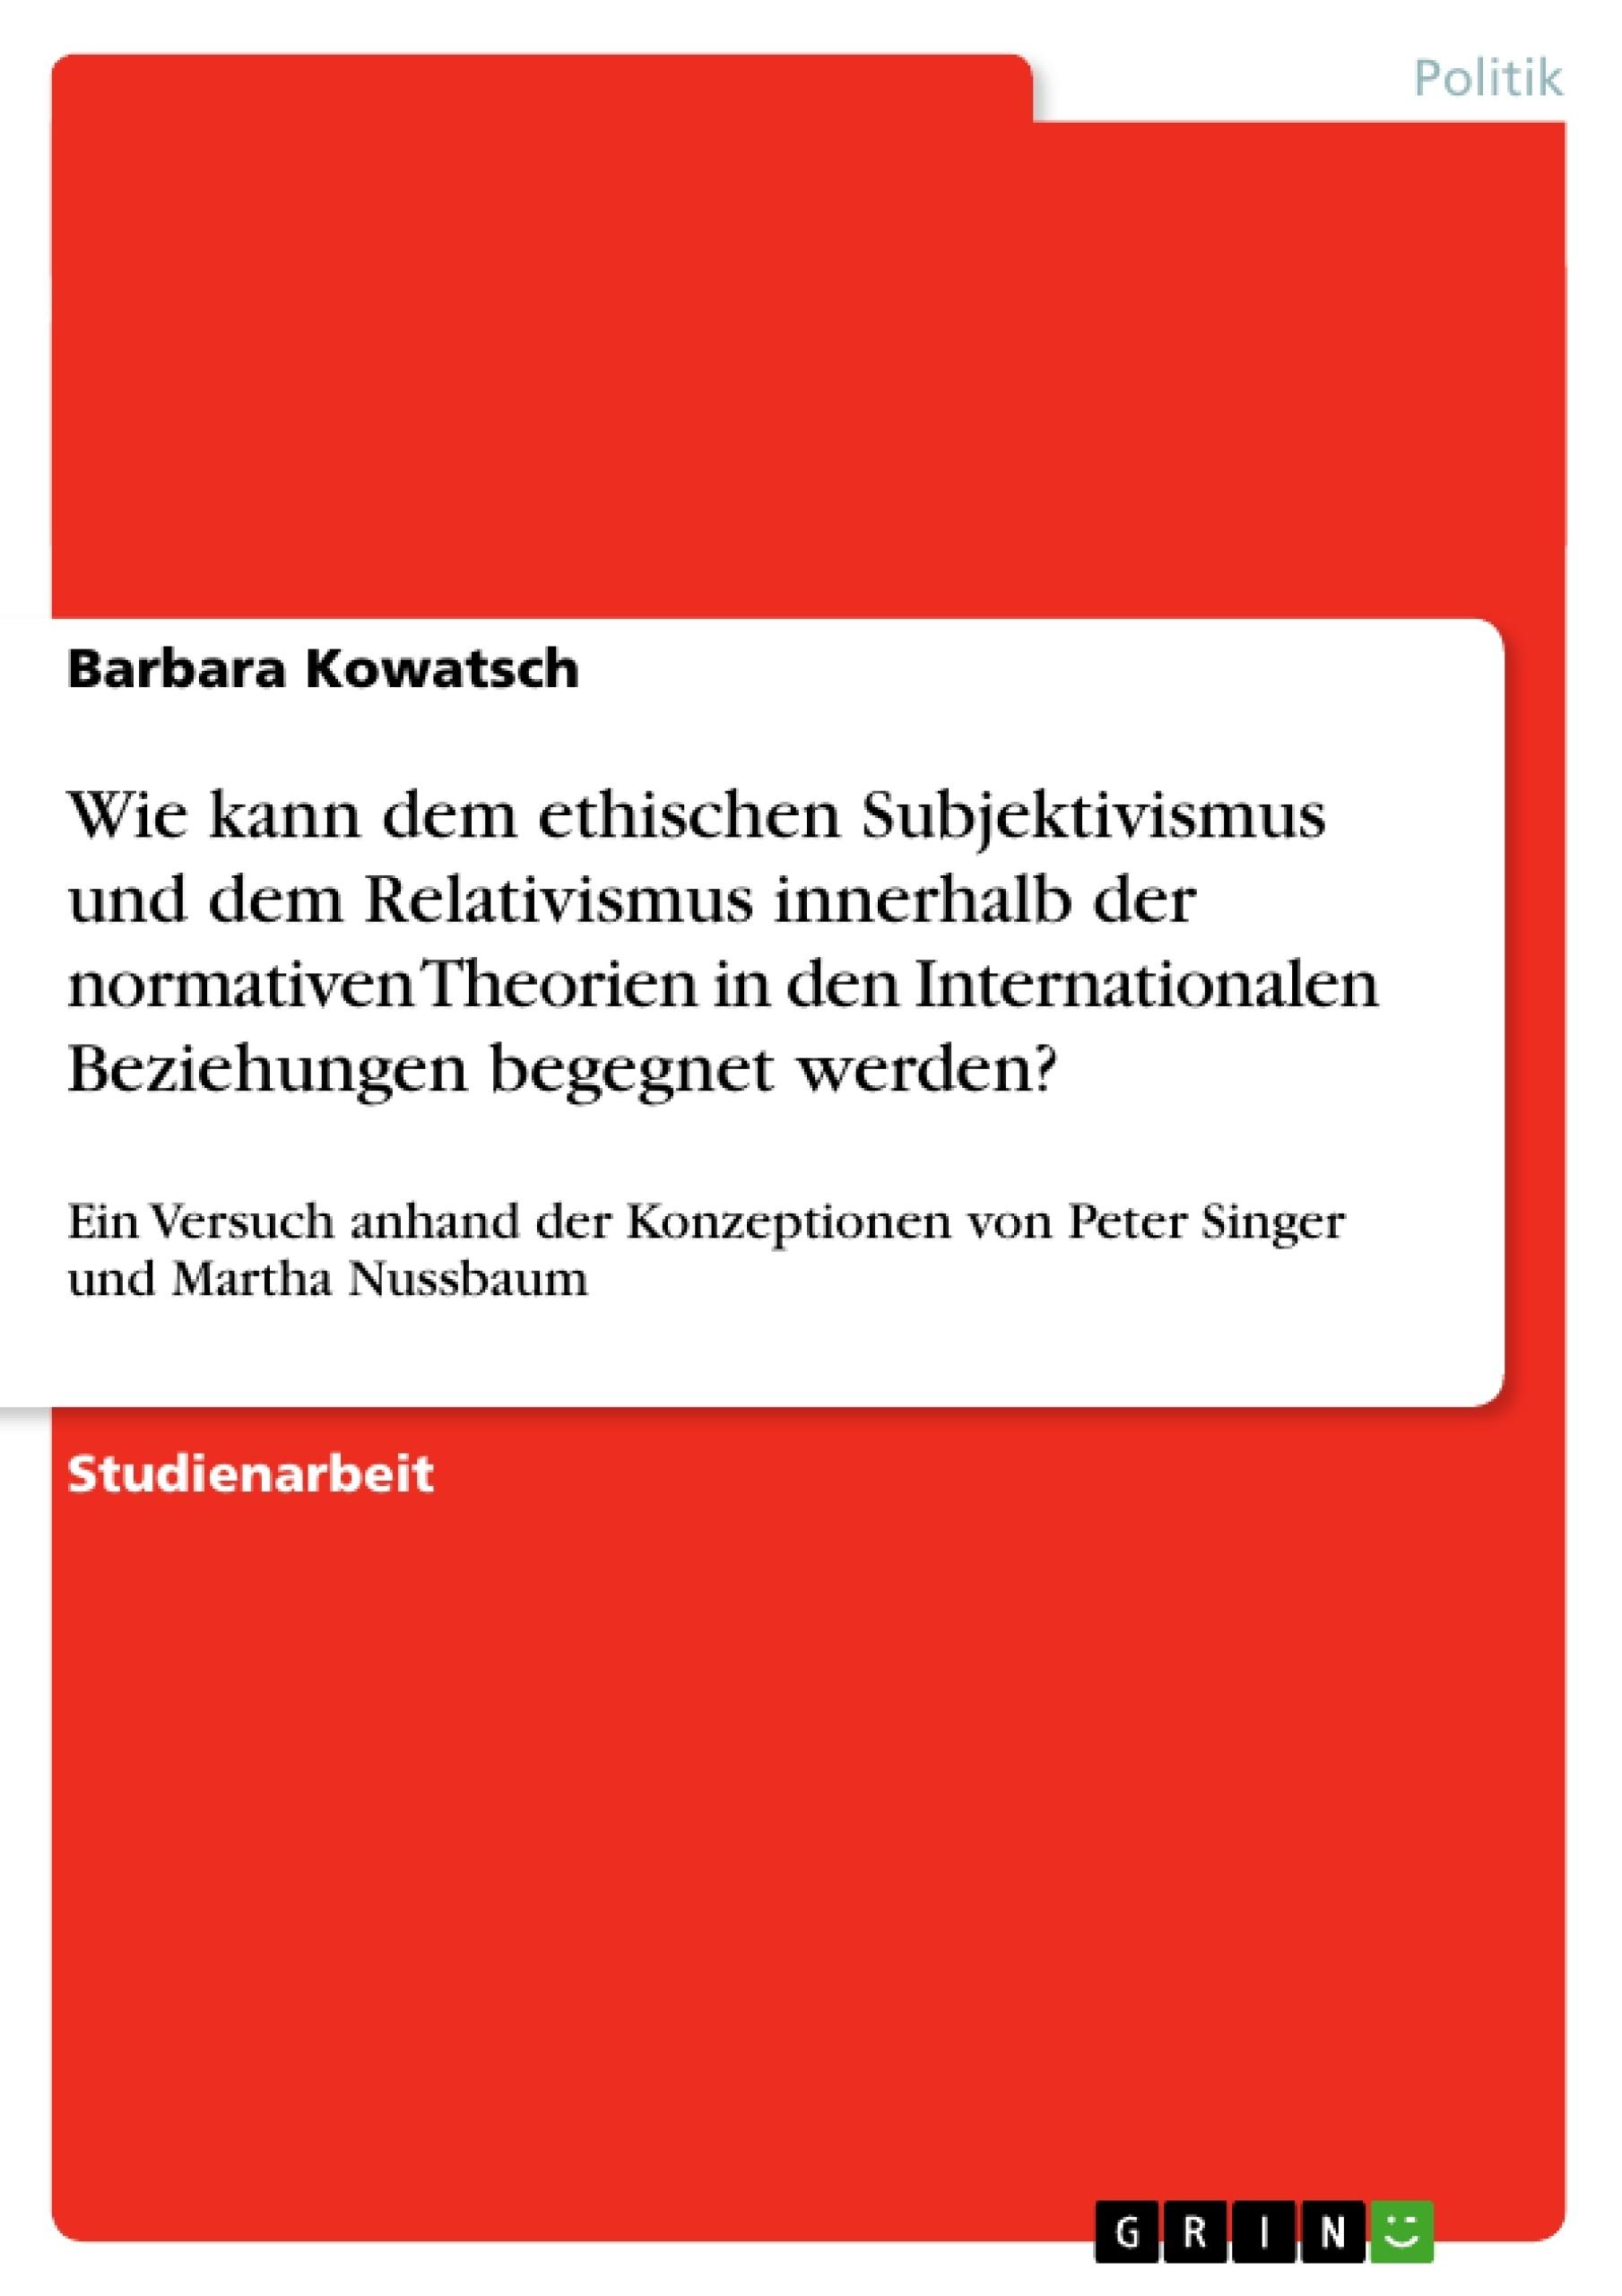 Titel: Wie kann dem ethischen Subjektivismus und dem Relativismus innerhalb der normativen Theorien in den Internationalen Beziehungen begegnet werden?